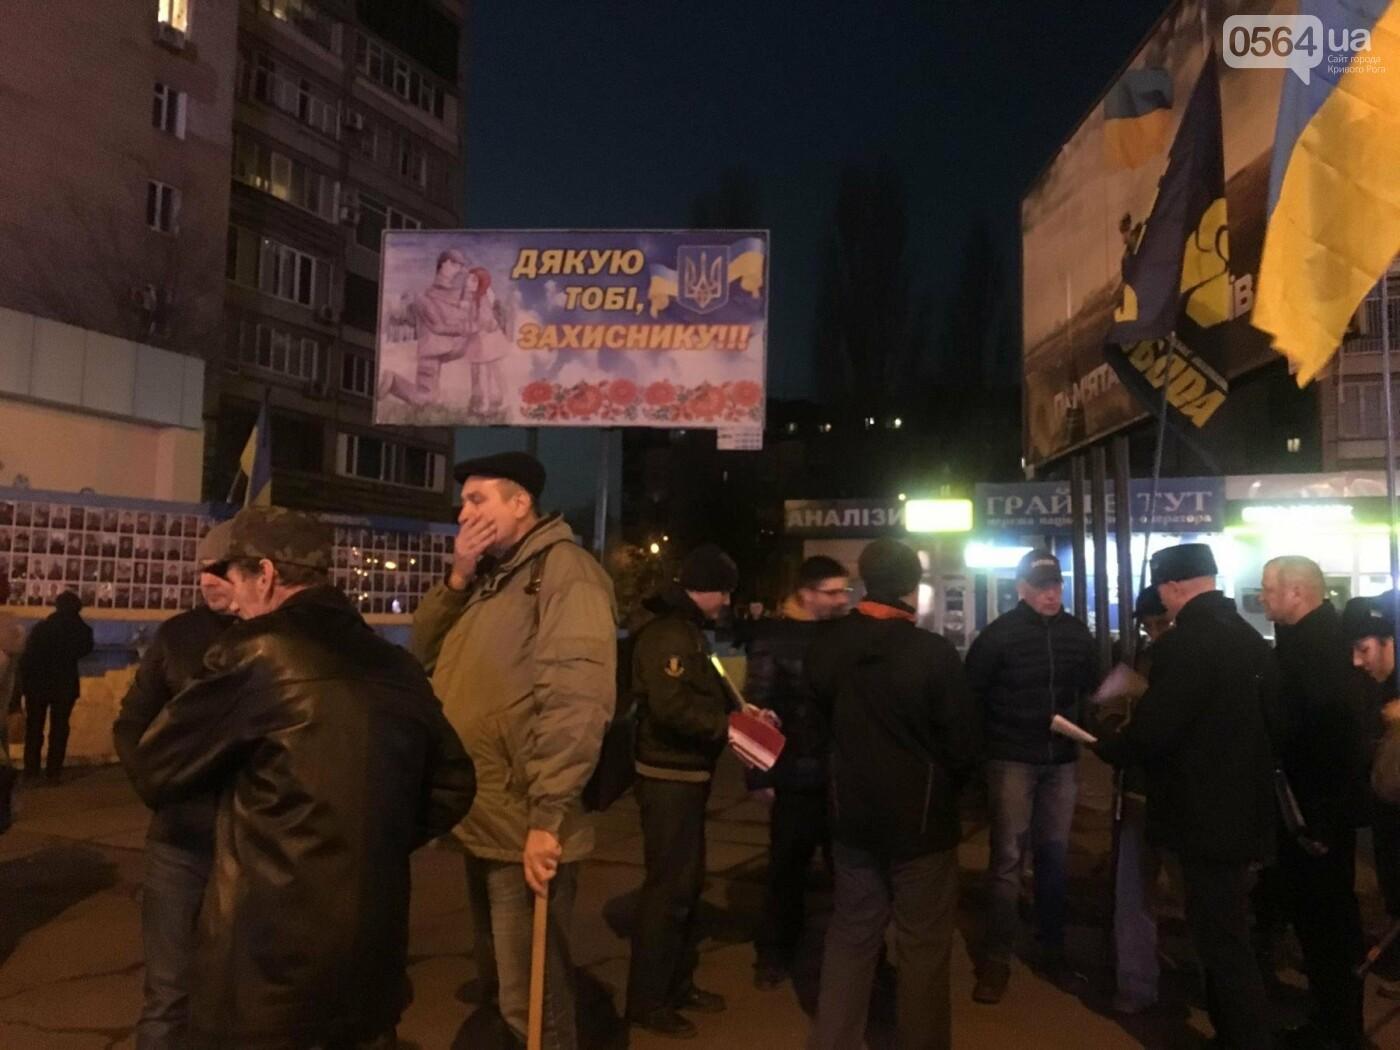 В Кривом Роге проходит Факельный марш в честь Дня рождения Степана Бандеры (ФОТО, ВИДЕО), фото-12